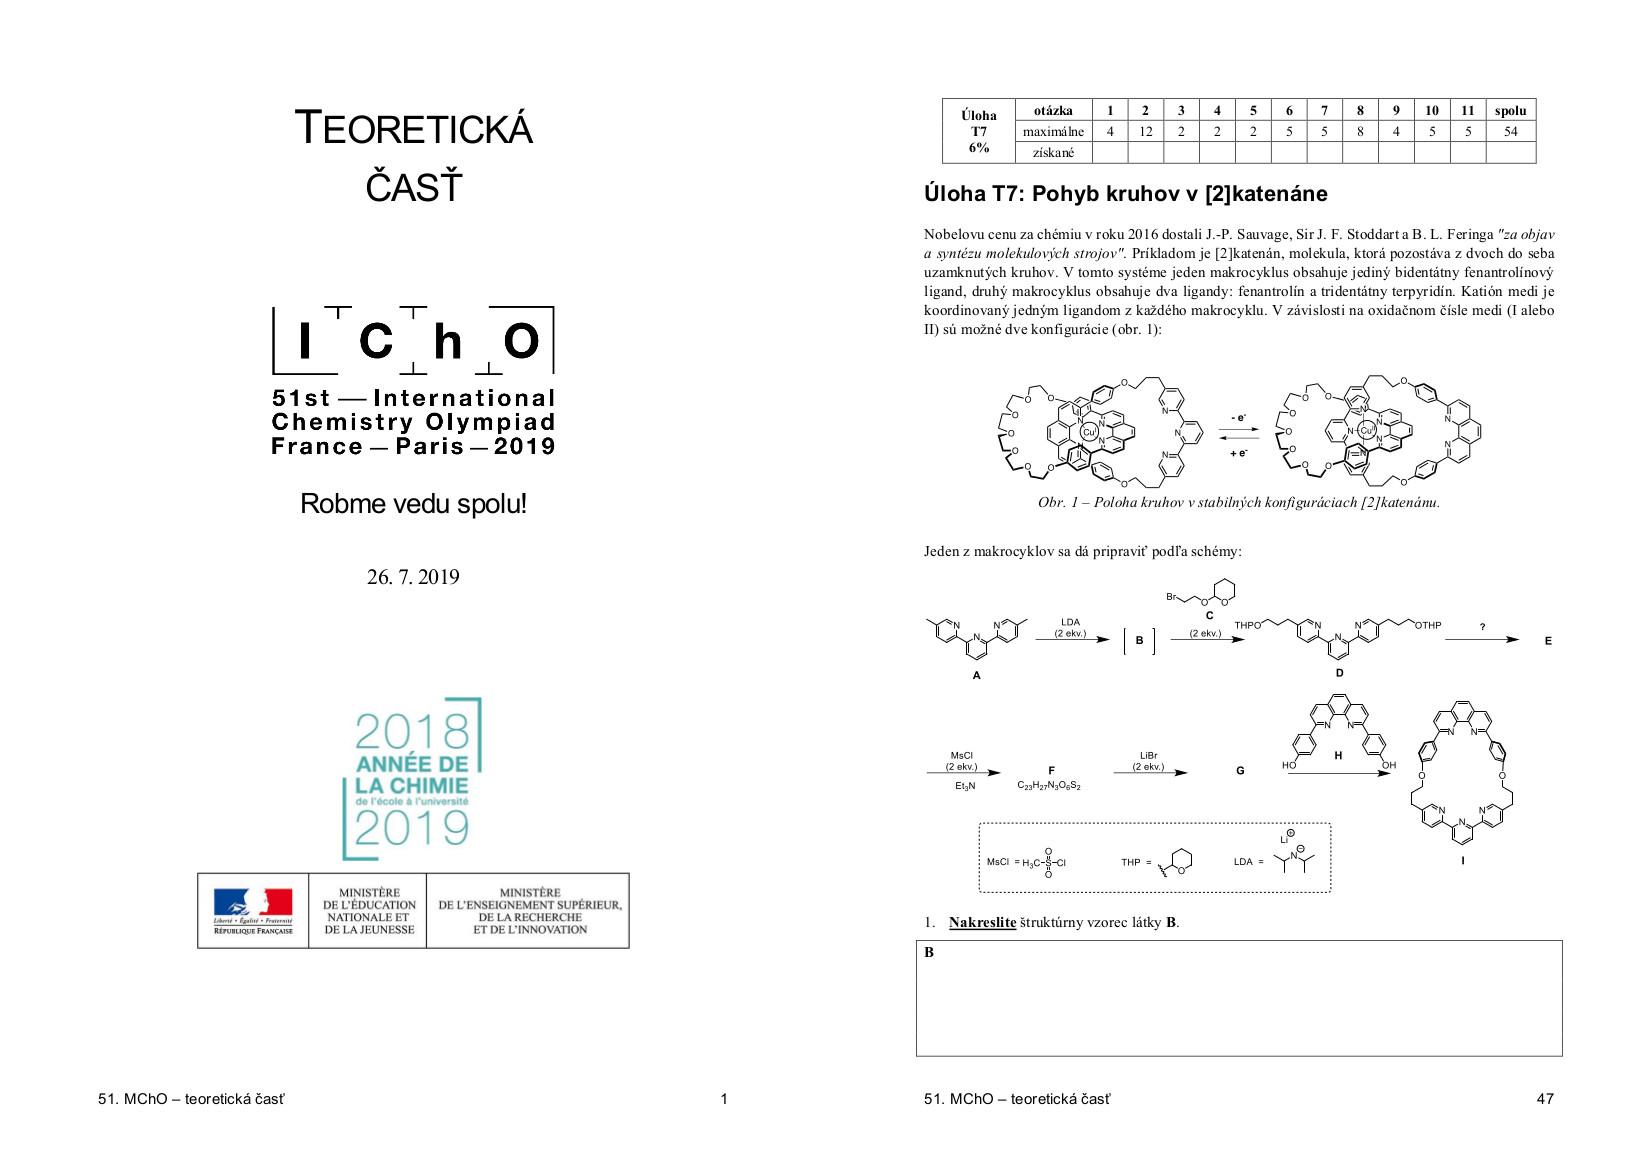 Ilustračný obrázok - zadanie teoretickej časti 51. IChO